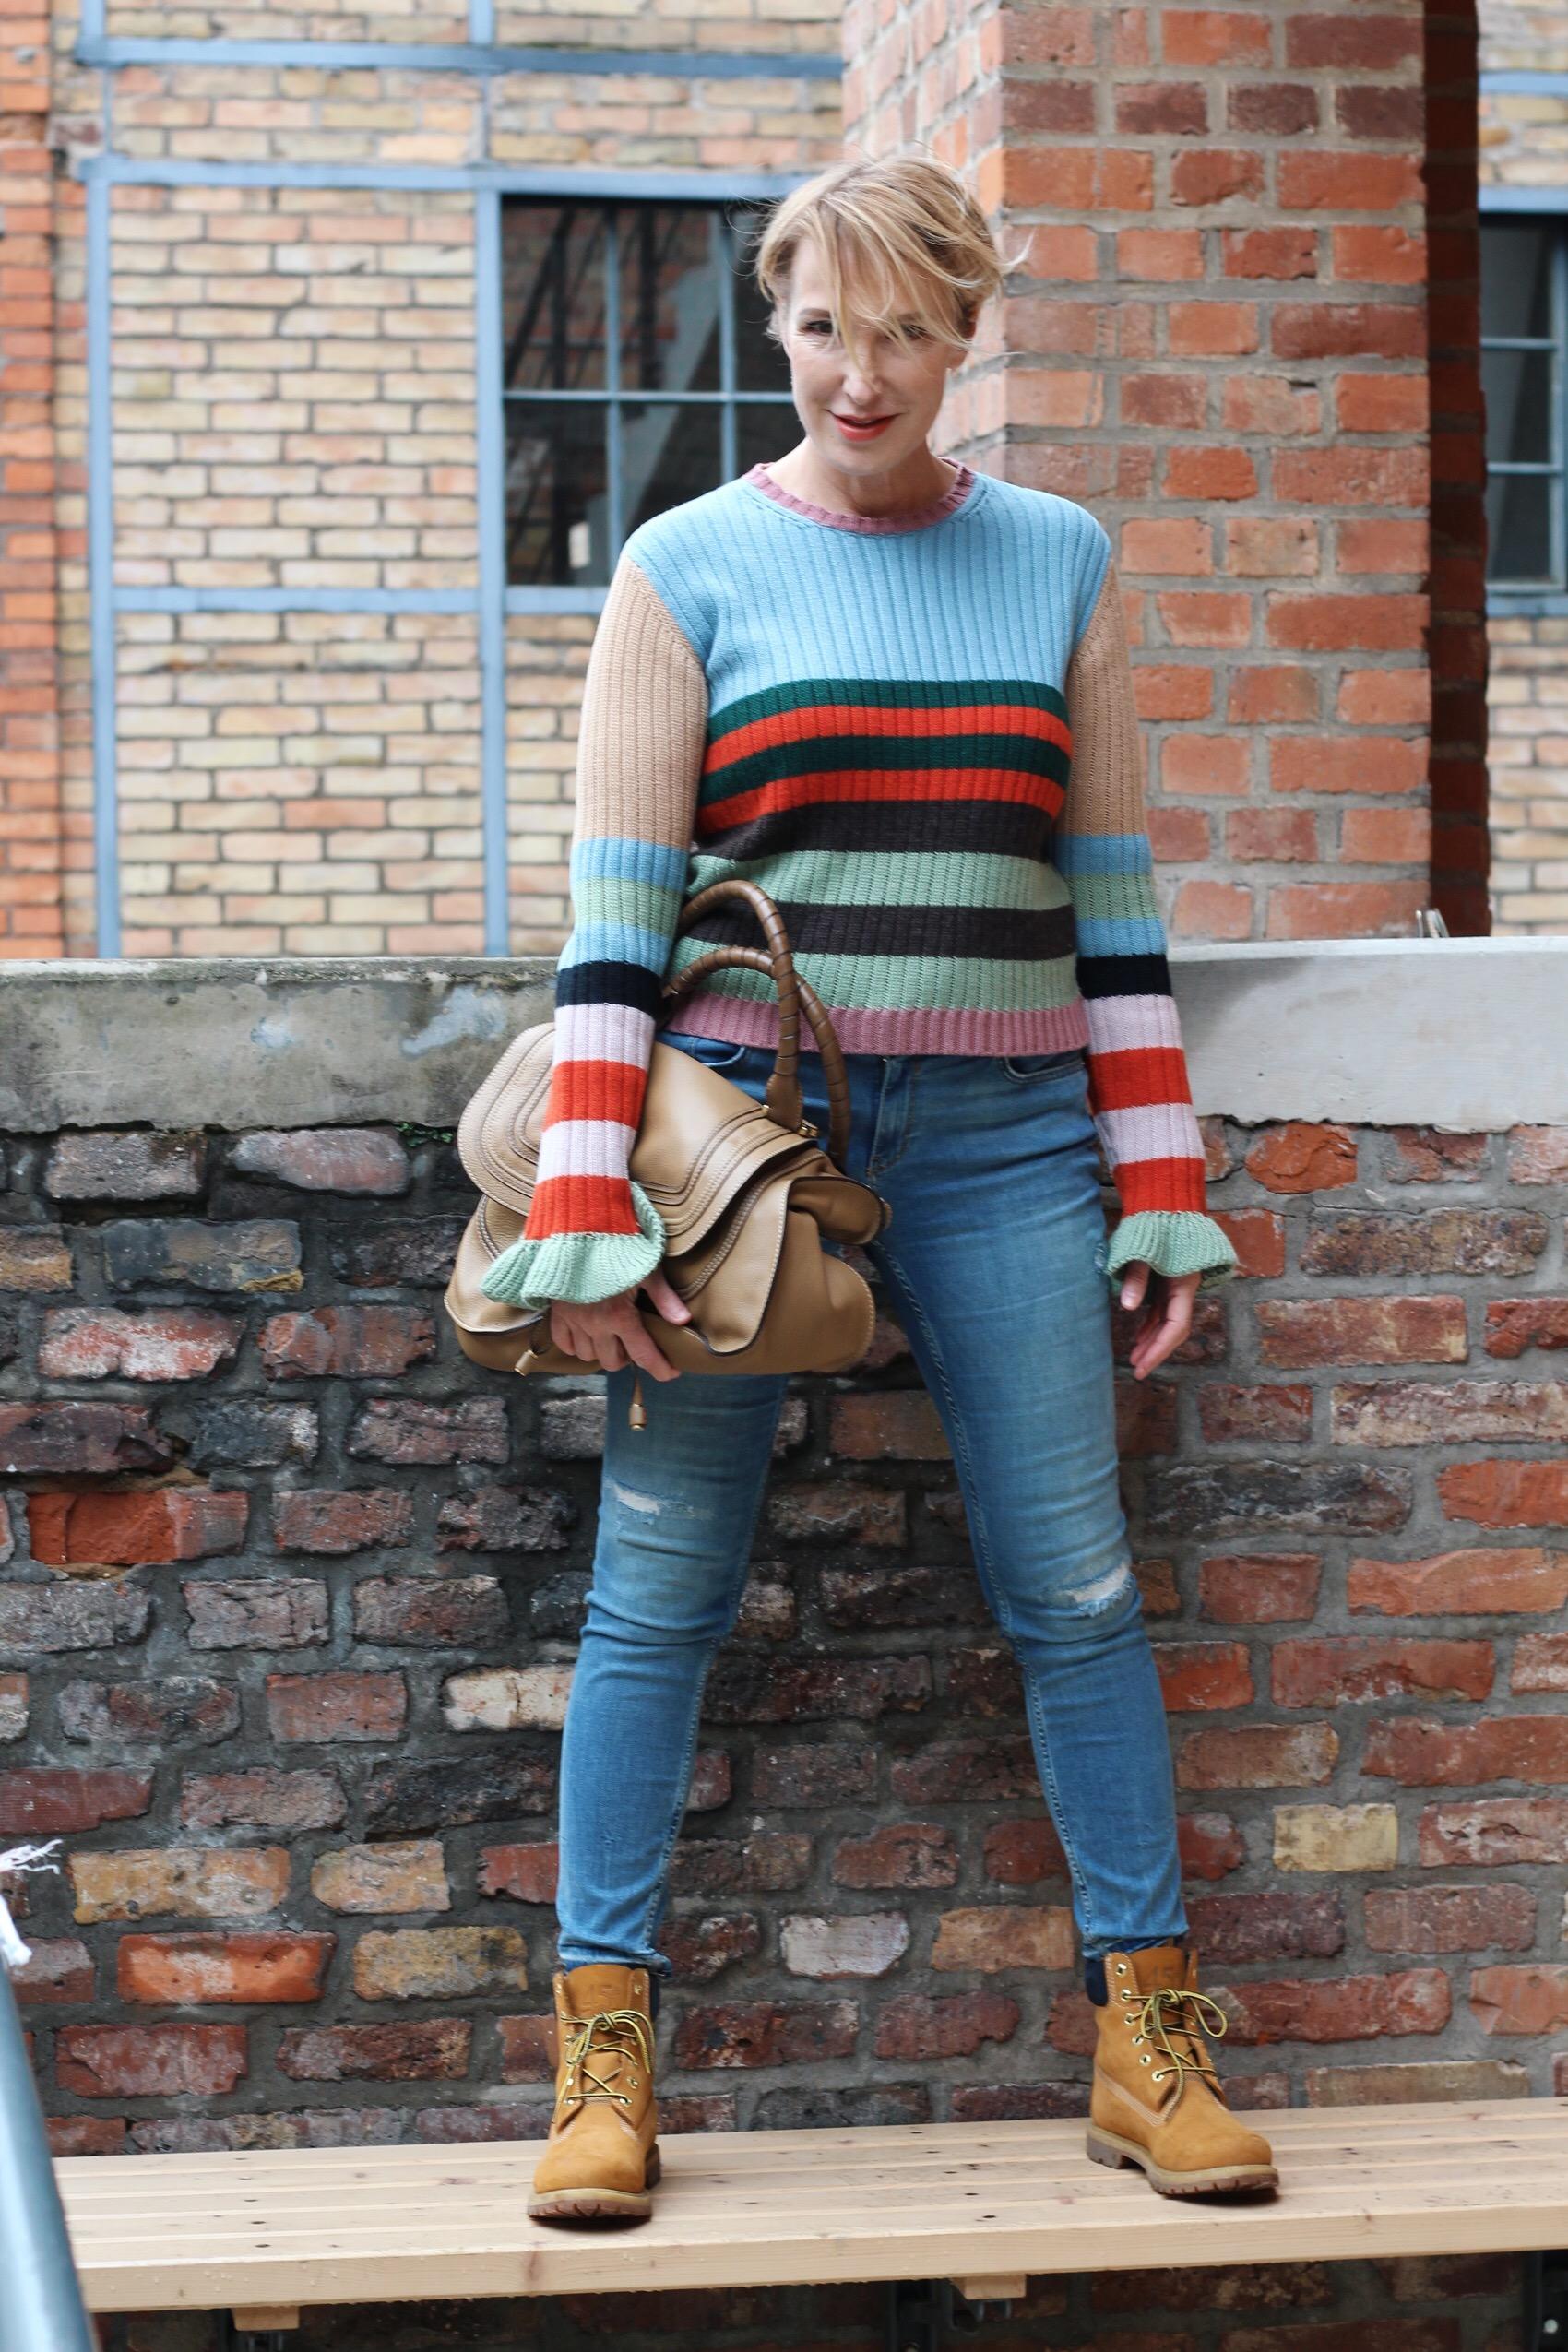 glamupyourlifestyle getreifter-Pullover Schnäppchen Valentino-Pullover Timberland-Boots elle-Magazin ue-40-blog ue-50-blog ü-40-blog ü-50-mode